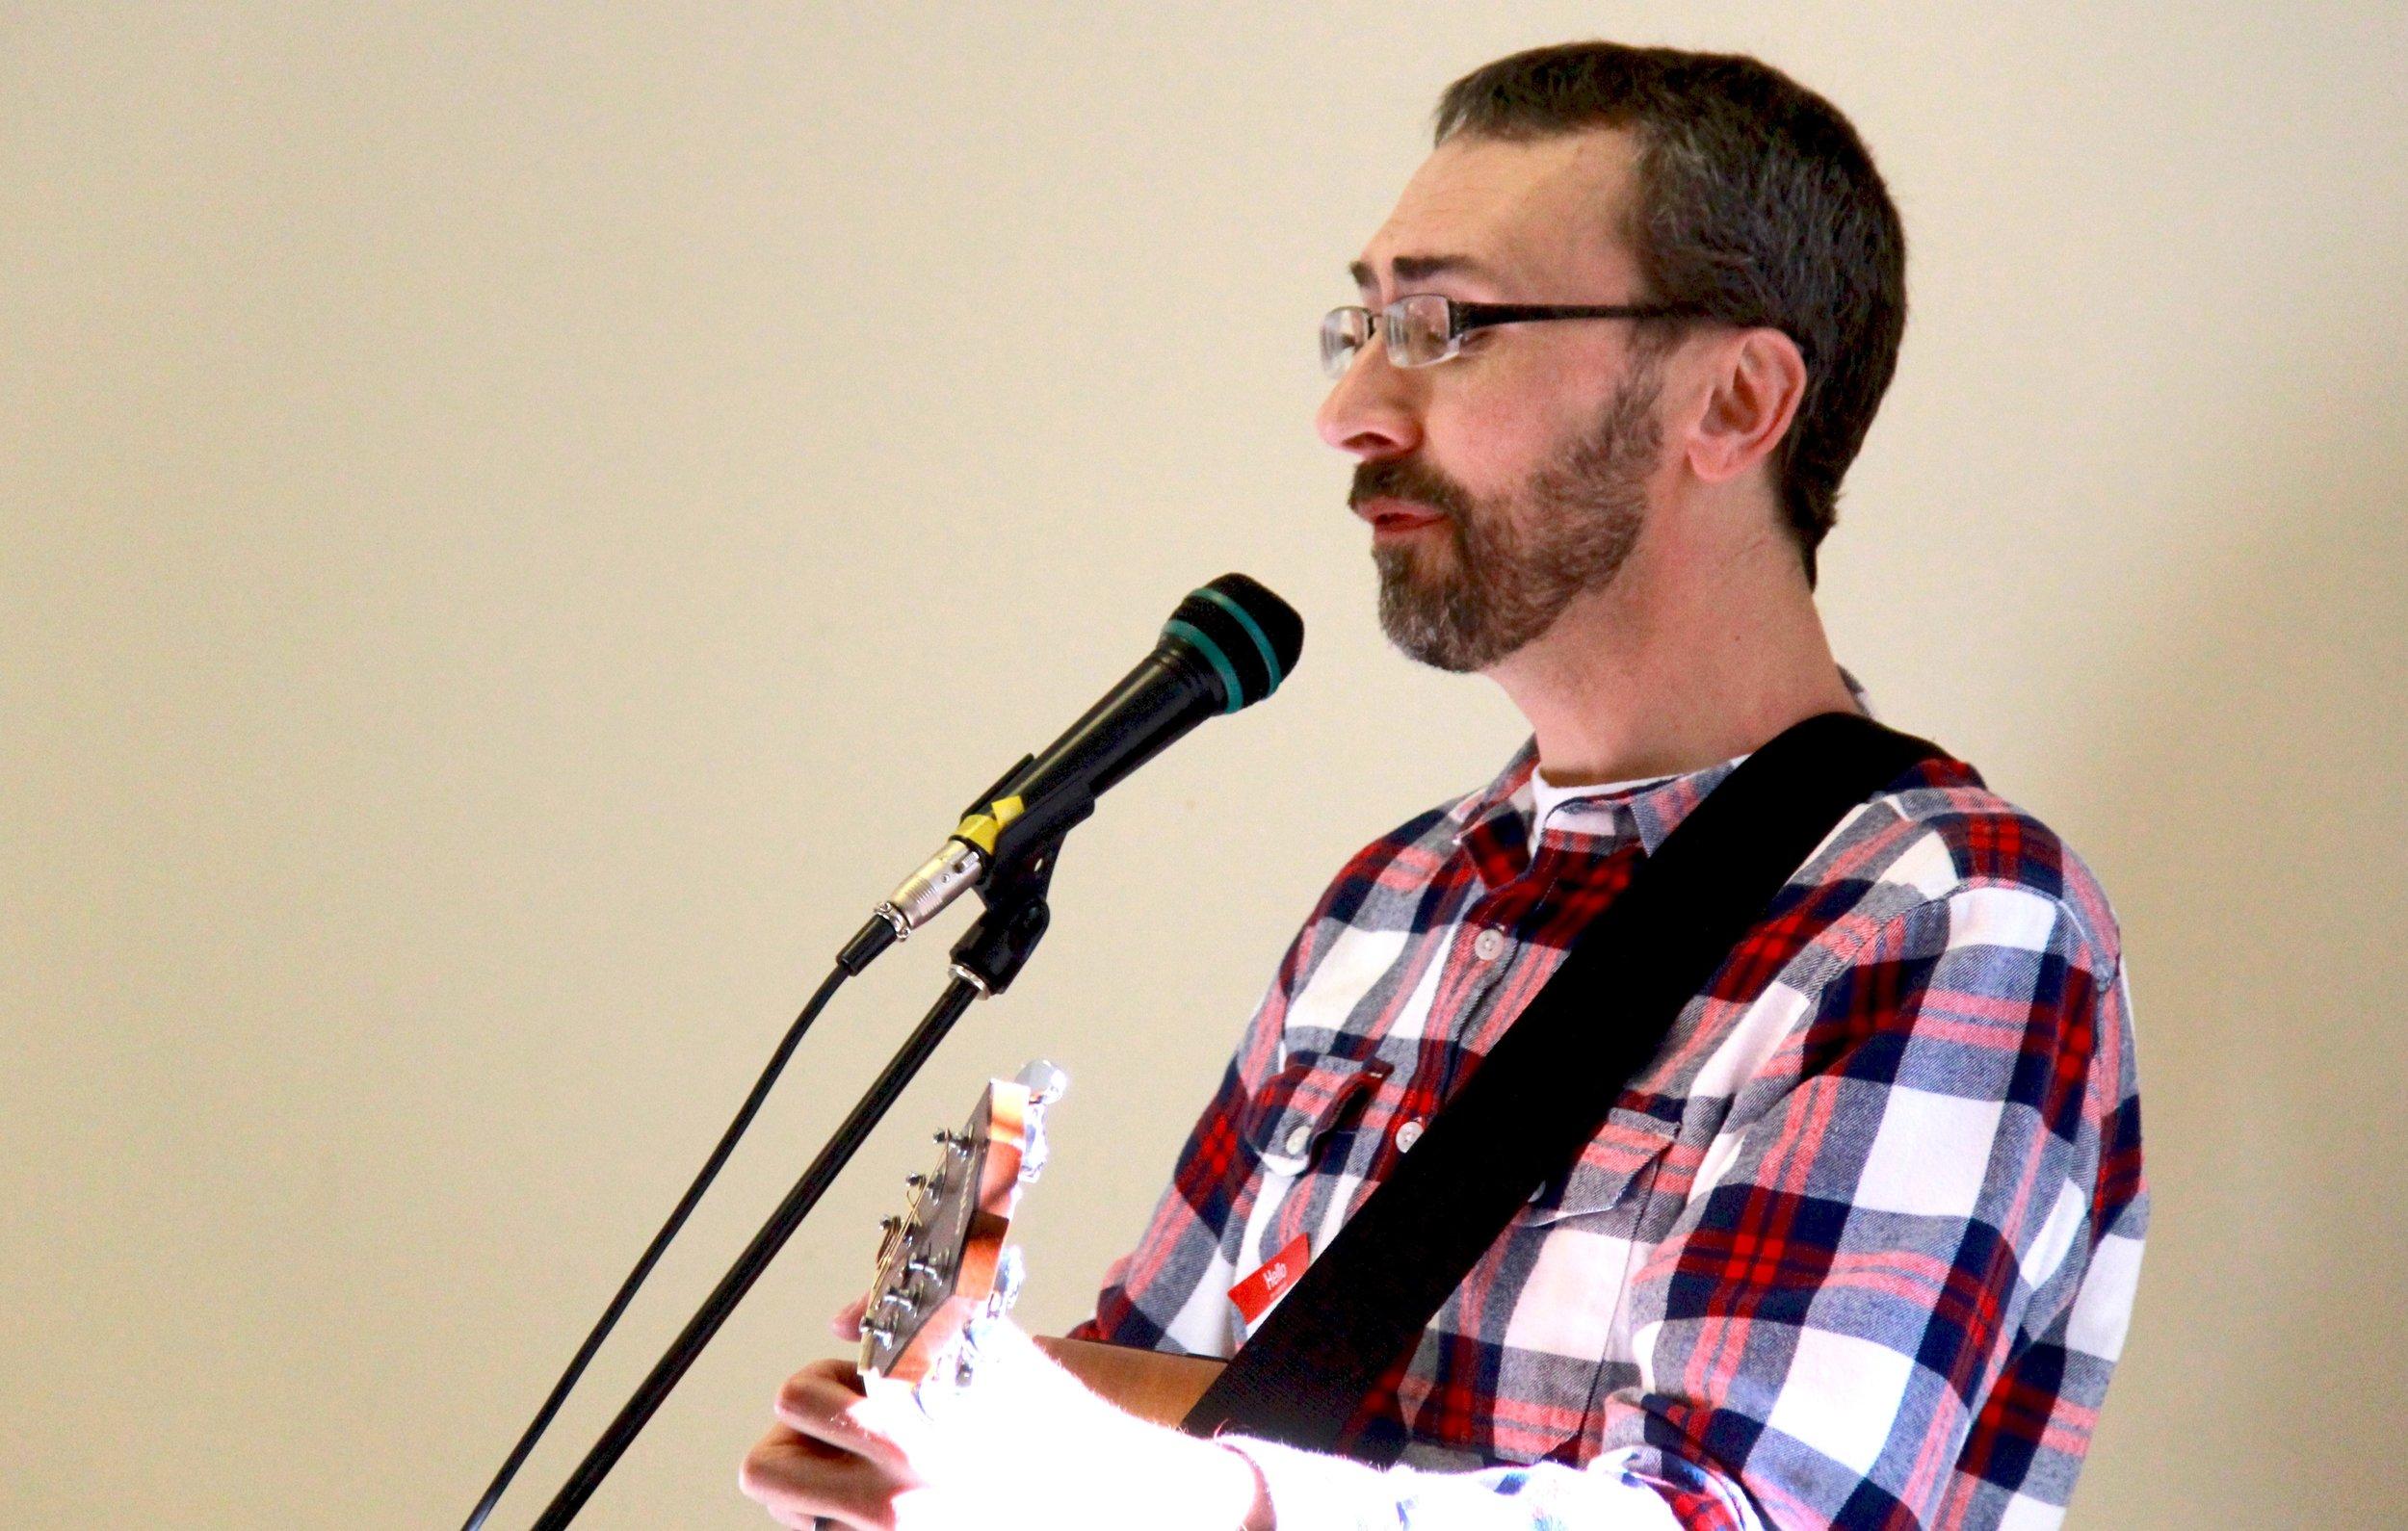 Rev. Jon Stamberg